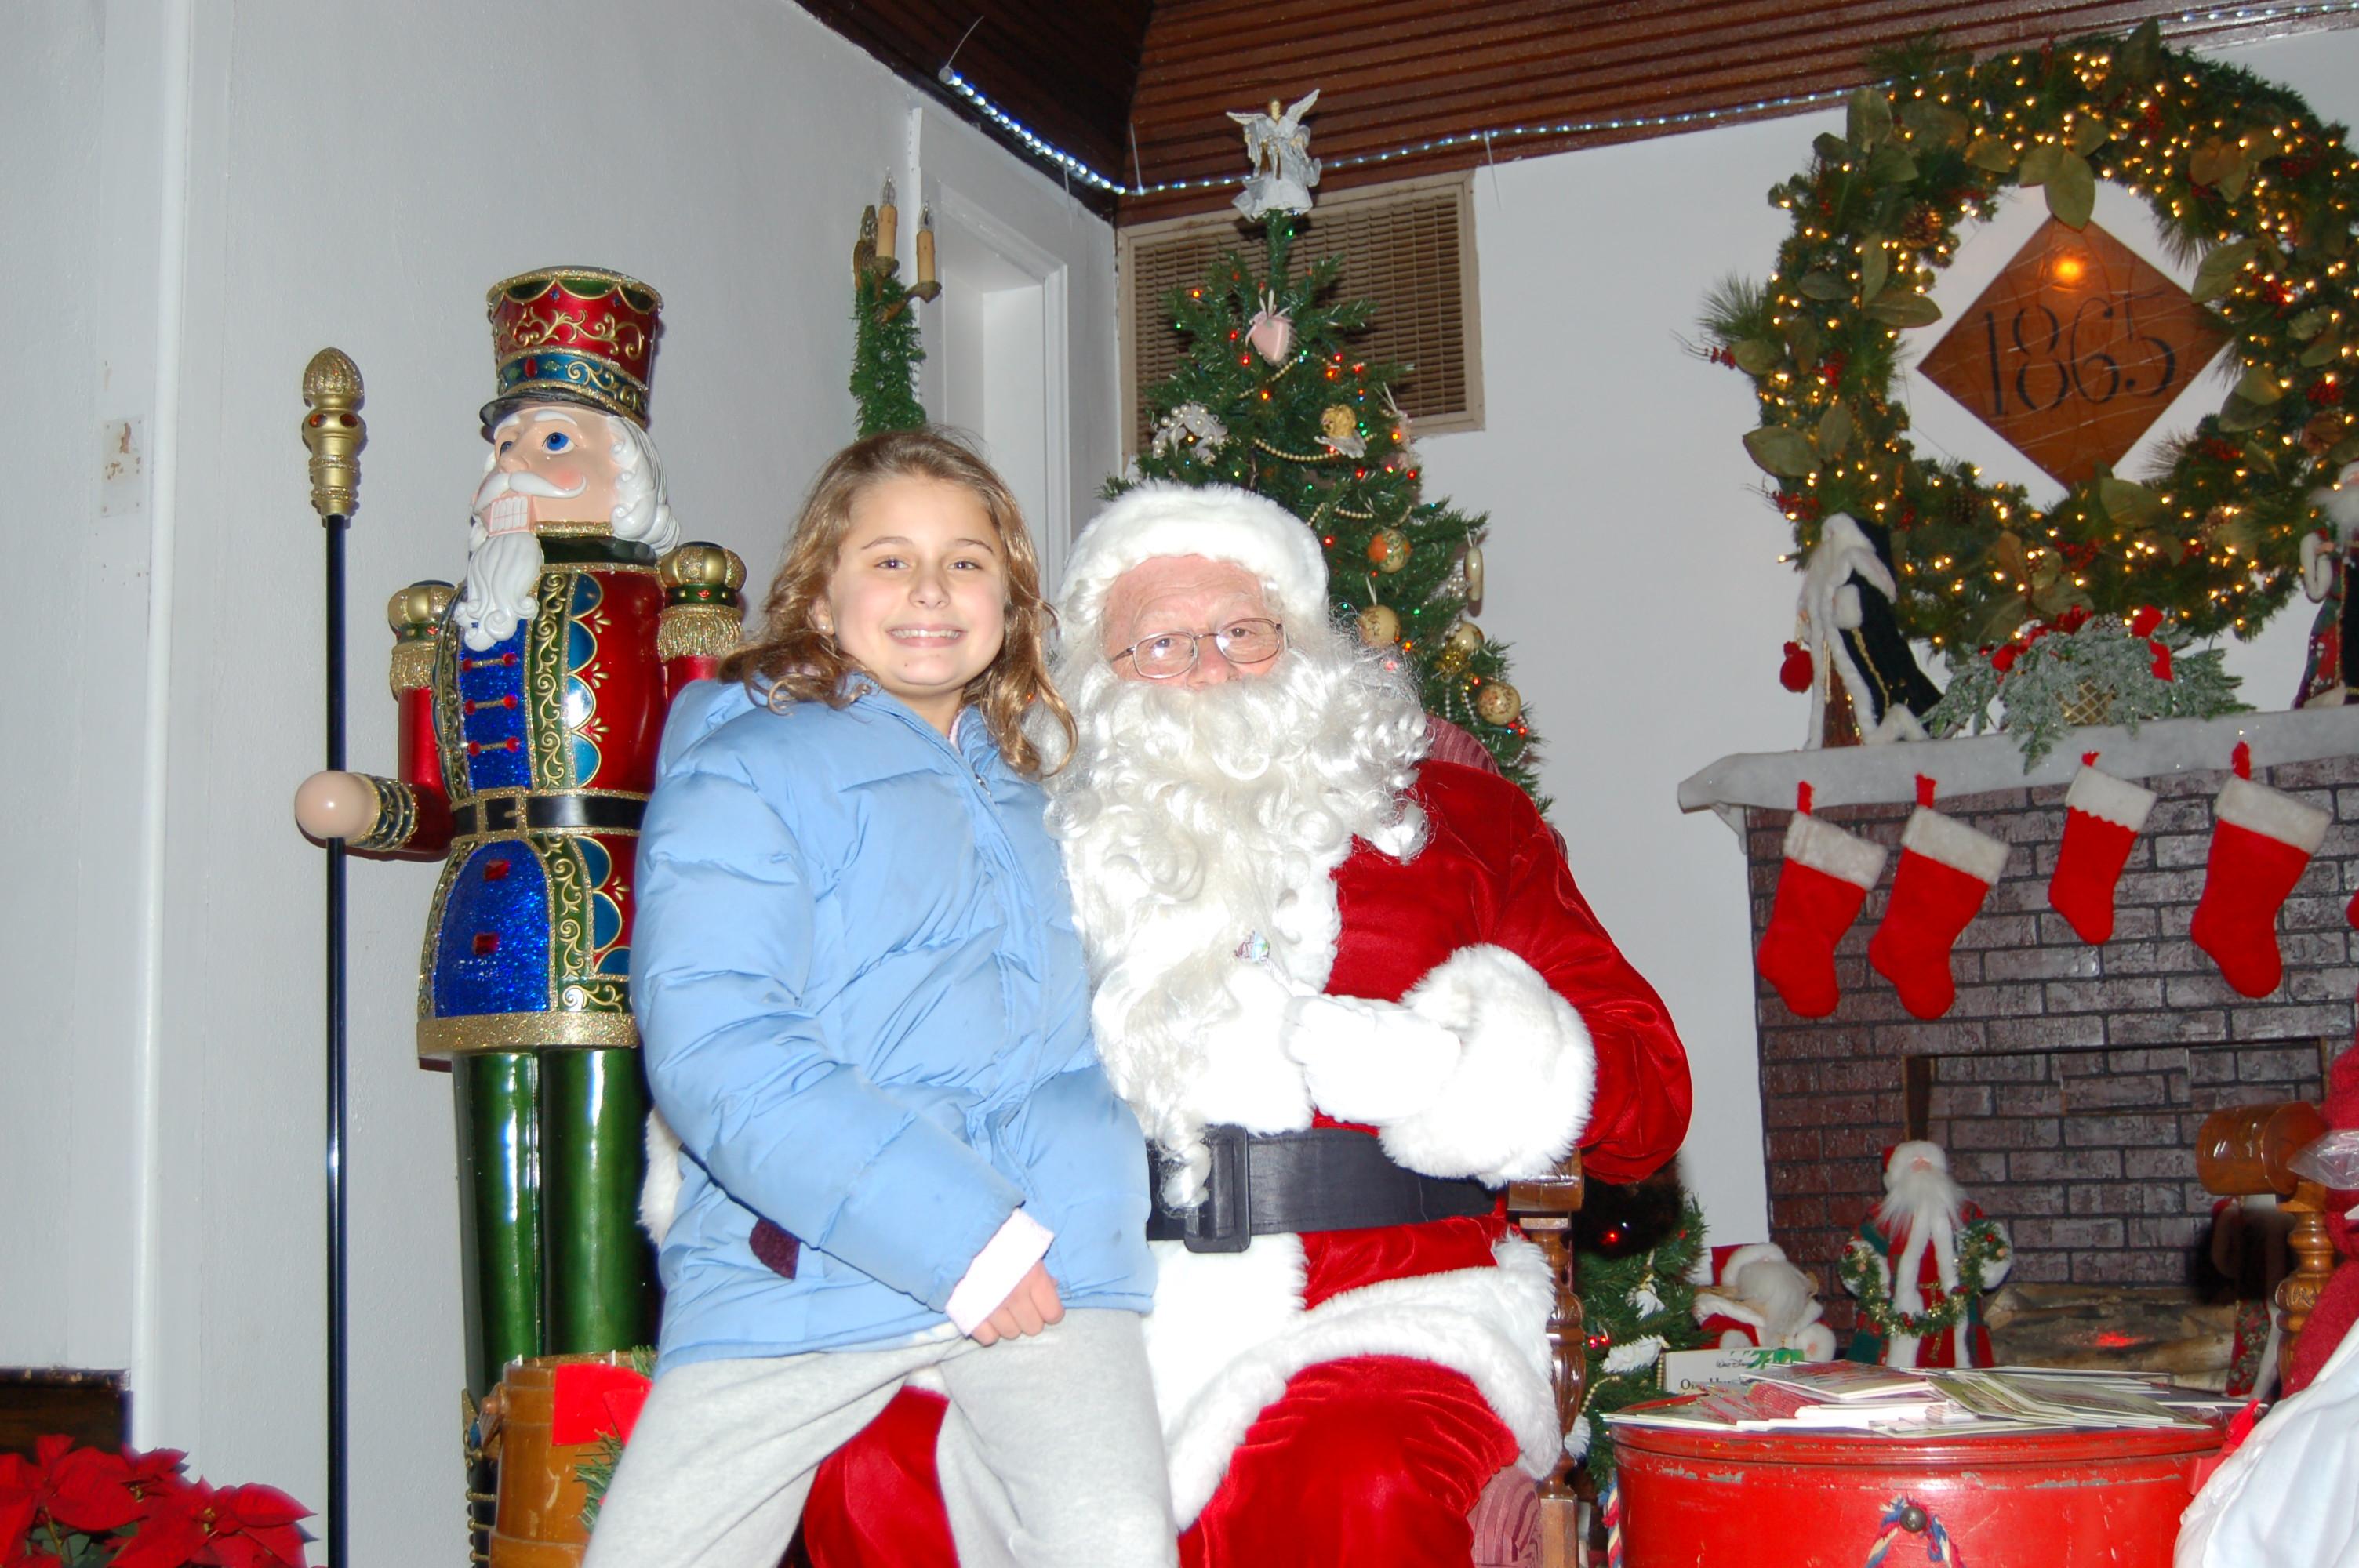 LolliPop+Lane+12-13-2008+Picture+047.jpg